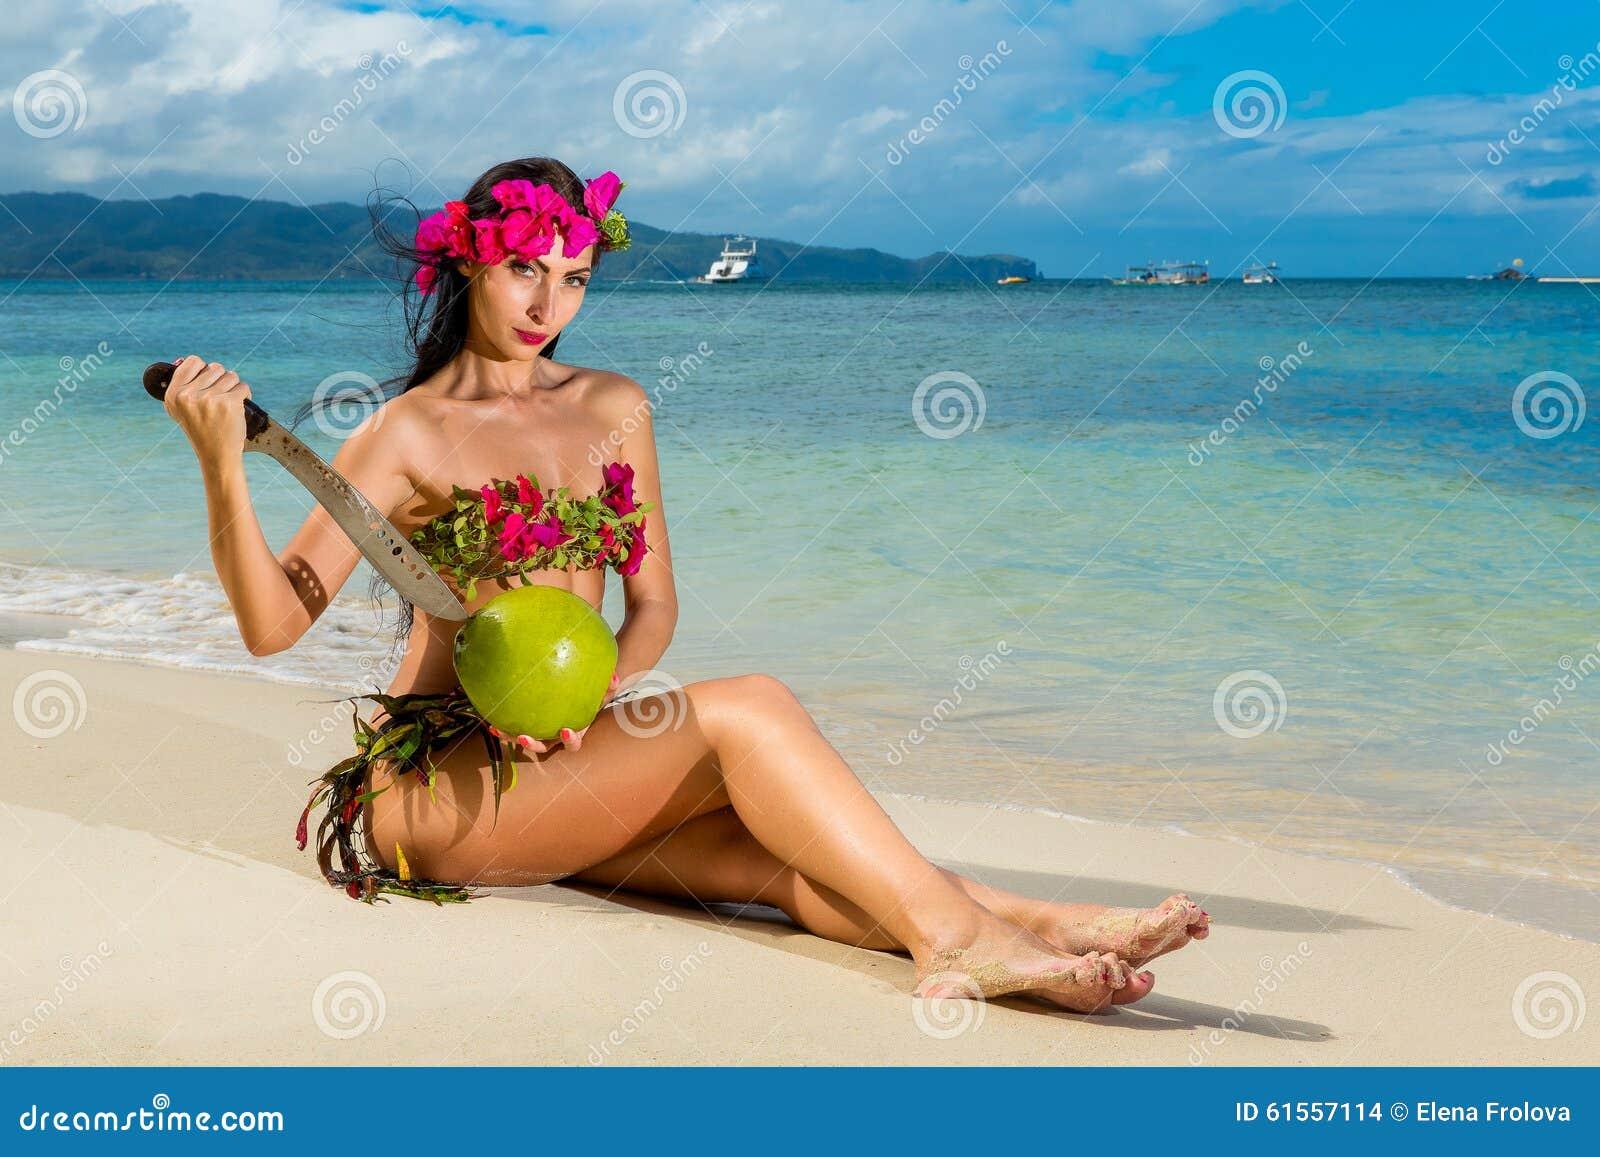 Красивые девушки в бикини фото бесплатно